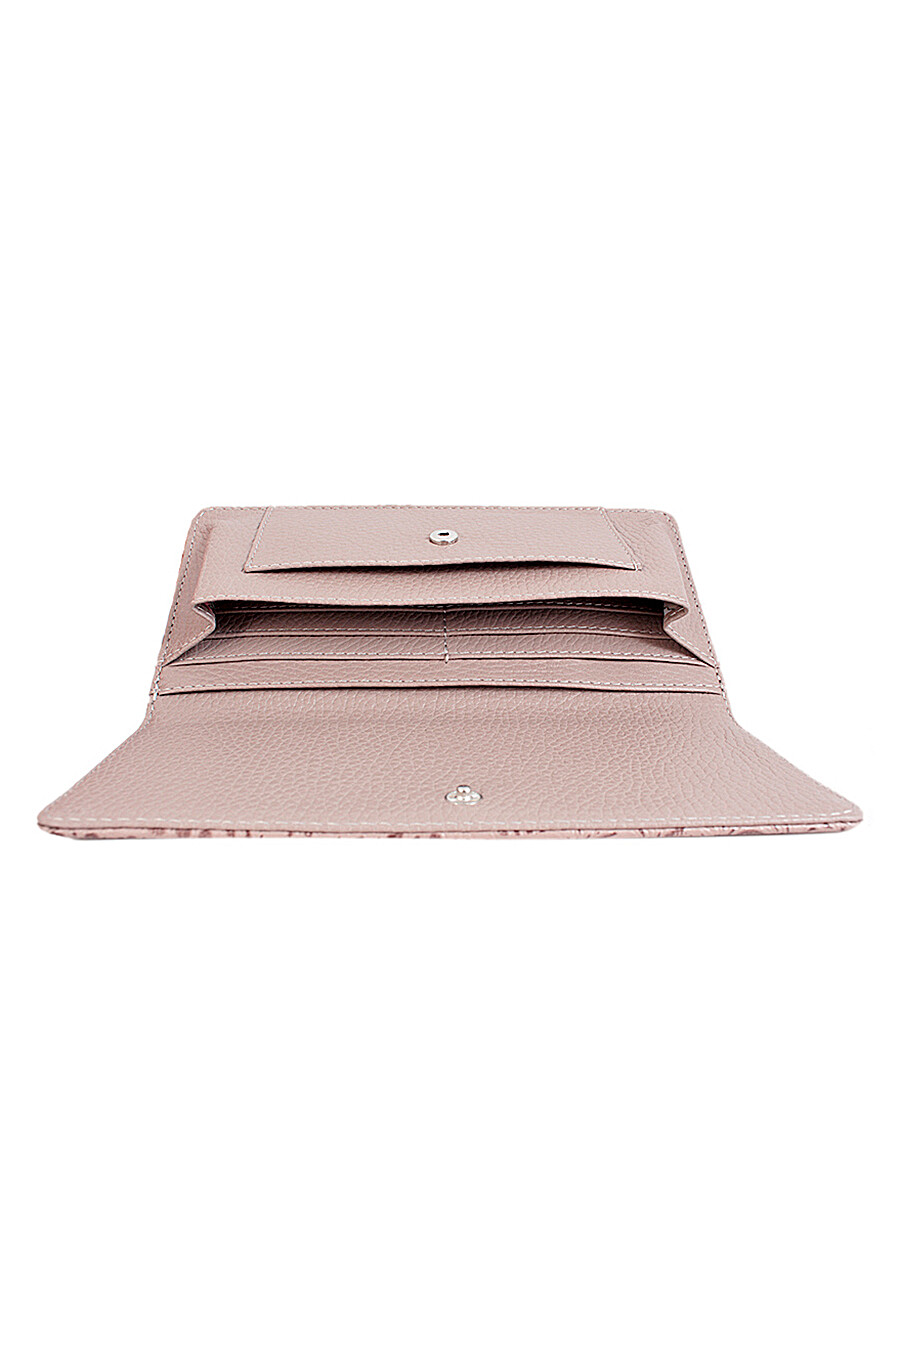 Кошелек для женщин L-CRAFT 668270 купить оптом от производителя. Совместная покупка женской одежды в OptMoyo